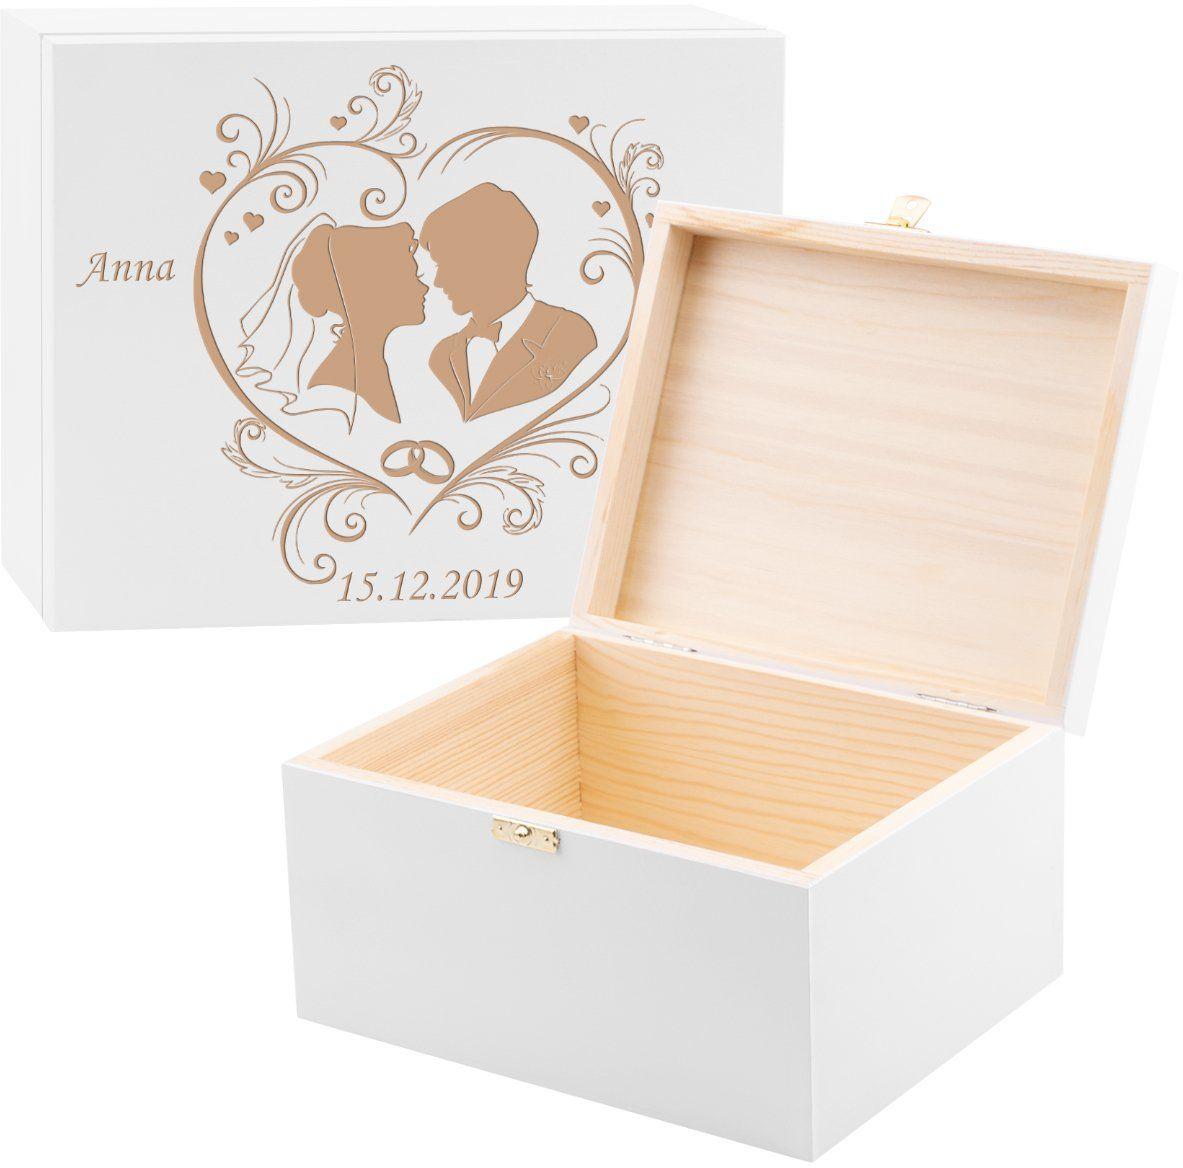 Drewniana szkatułka na upominki Pudełko wspomnień Prezent z Grawerem